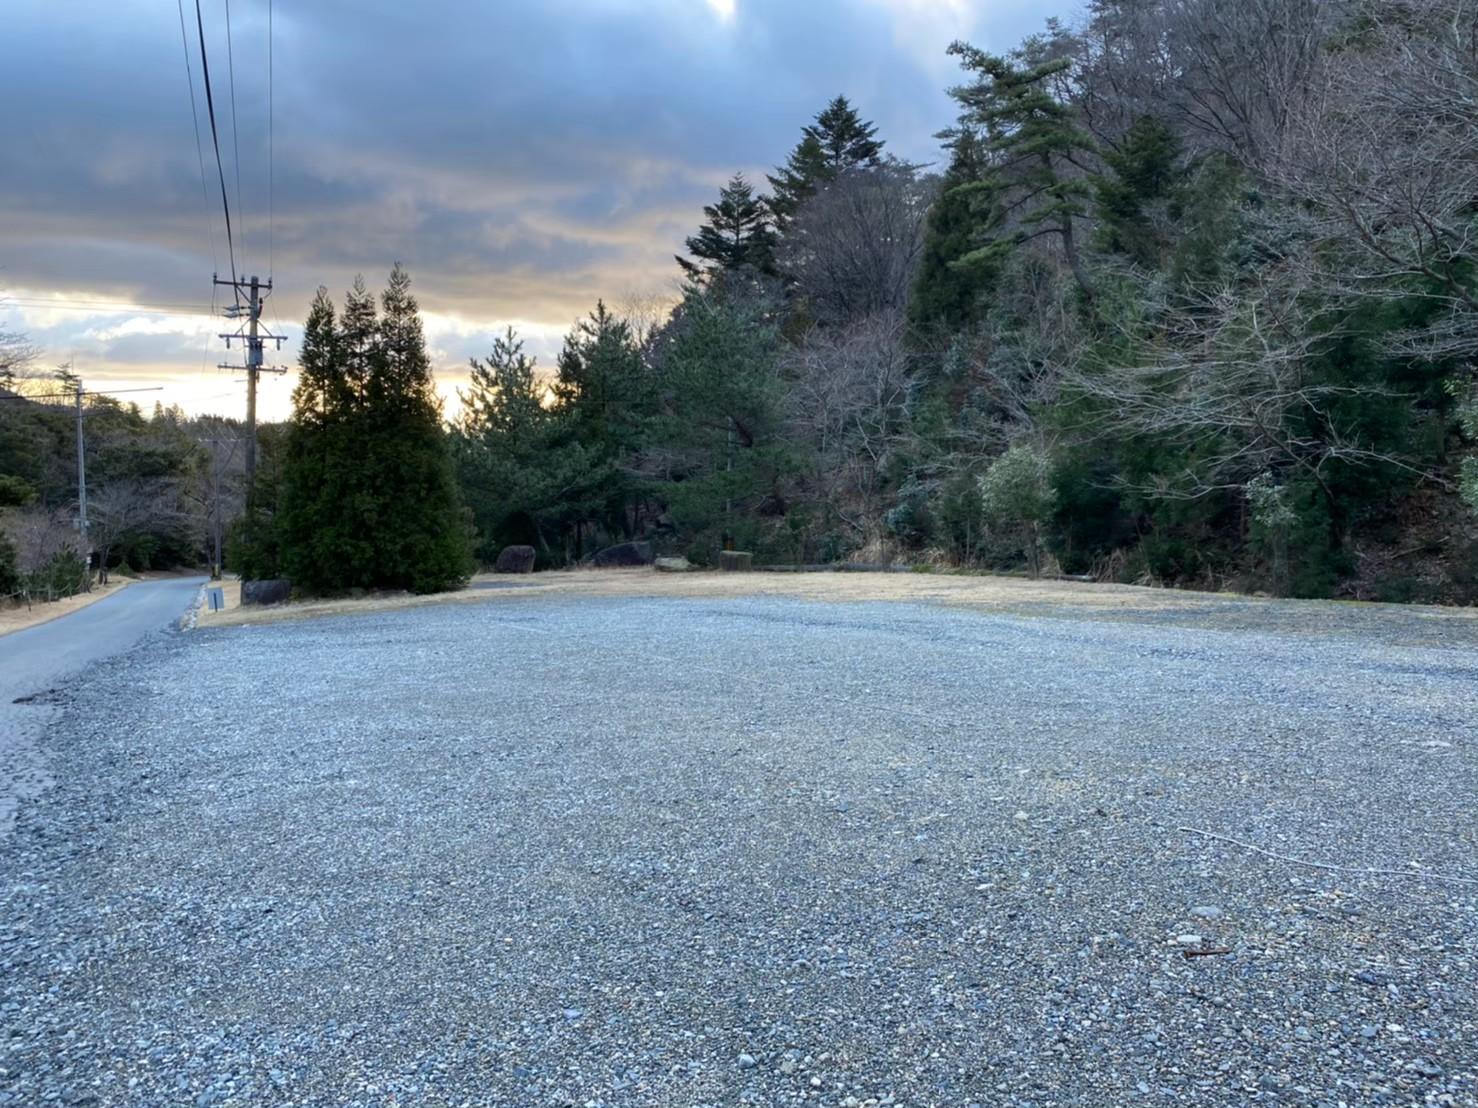 【三重県】名古屋から近い!『八風キャンプ場:はっぷう』情報まとめ